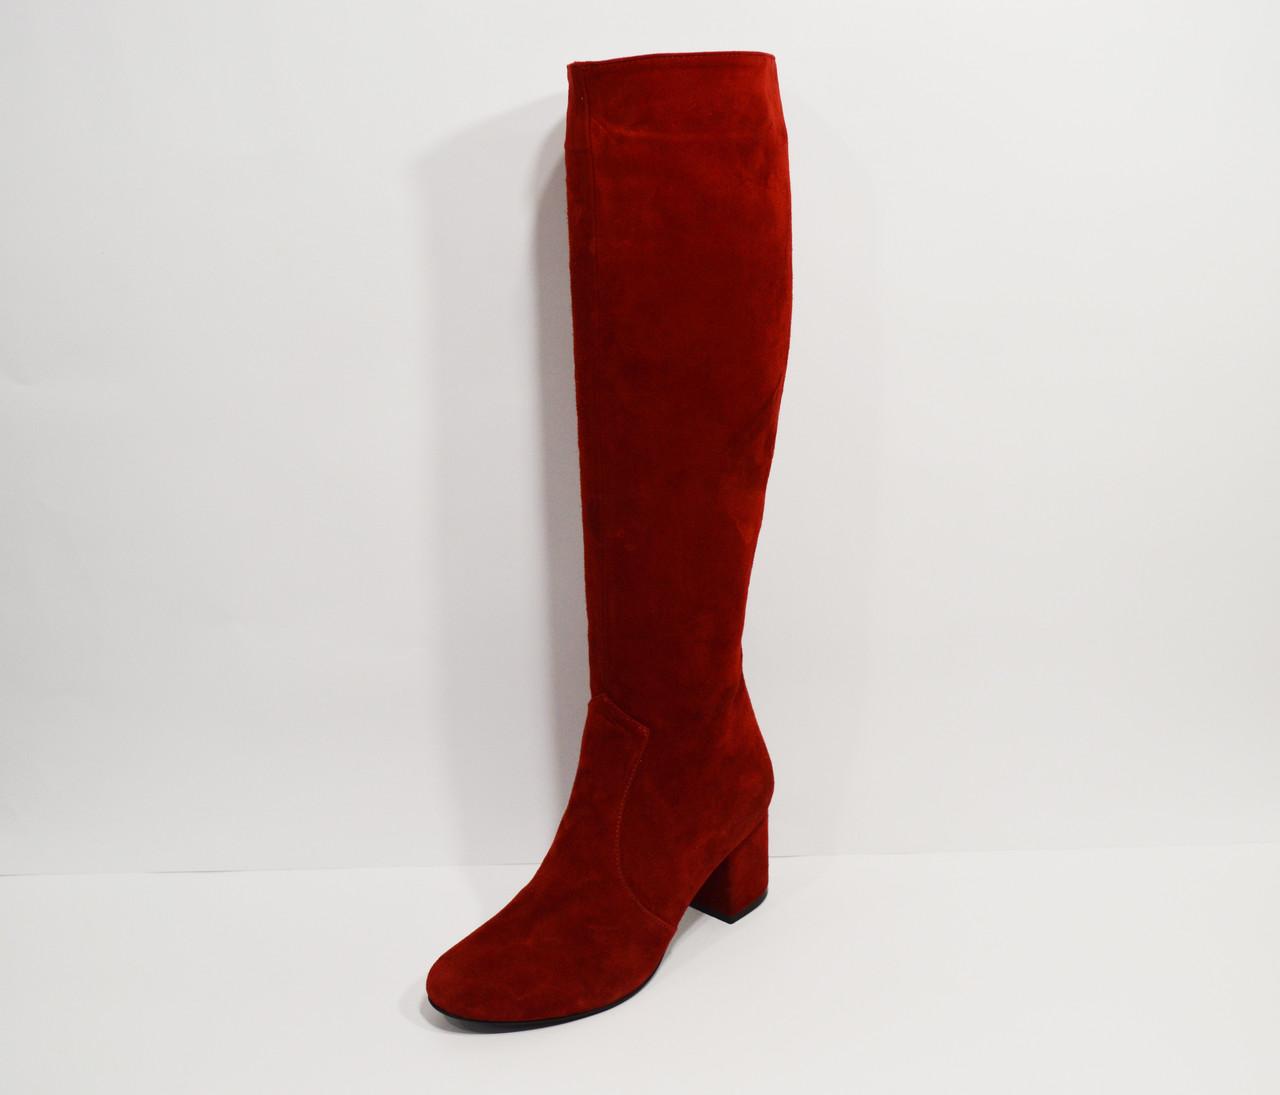 Красные демисезонные сапоги Nivelle 7024